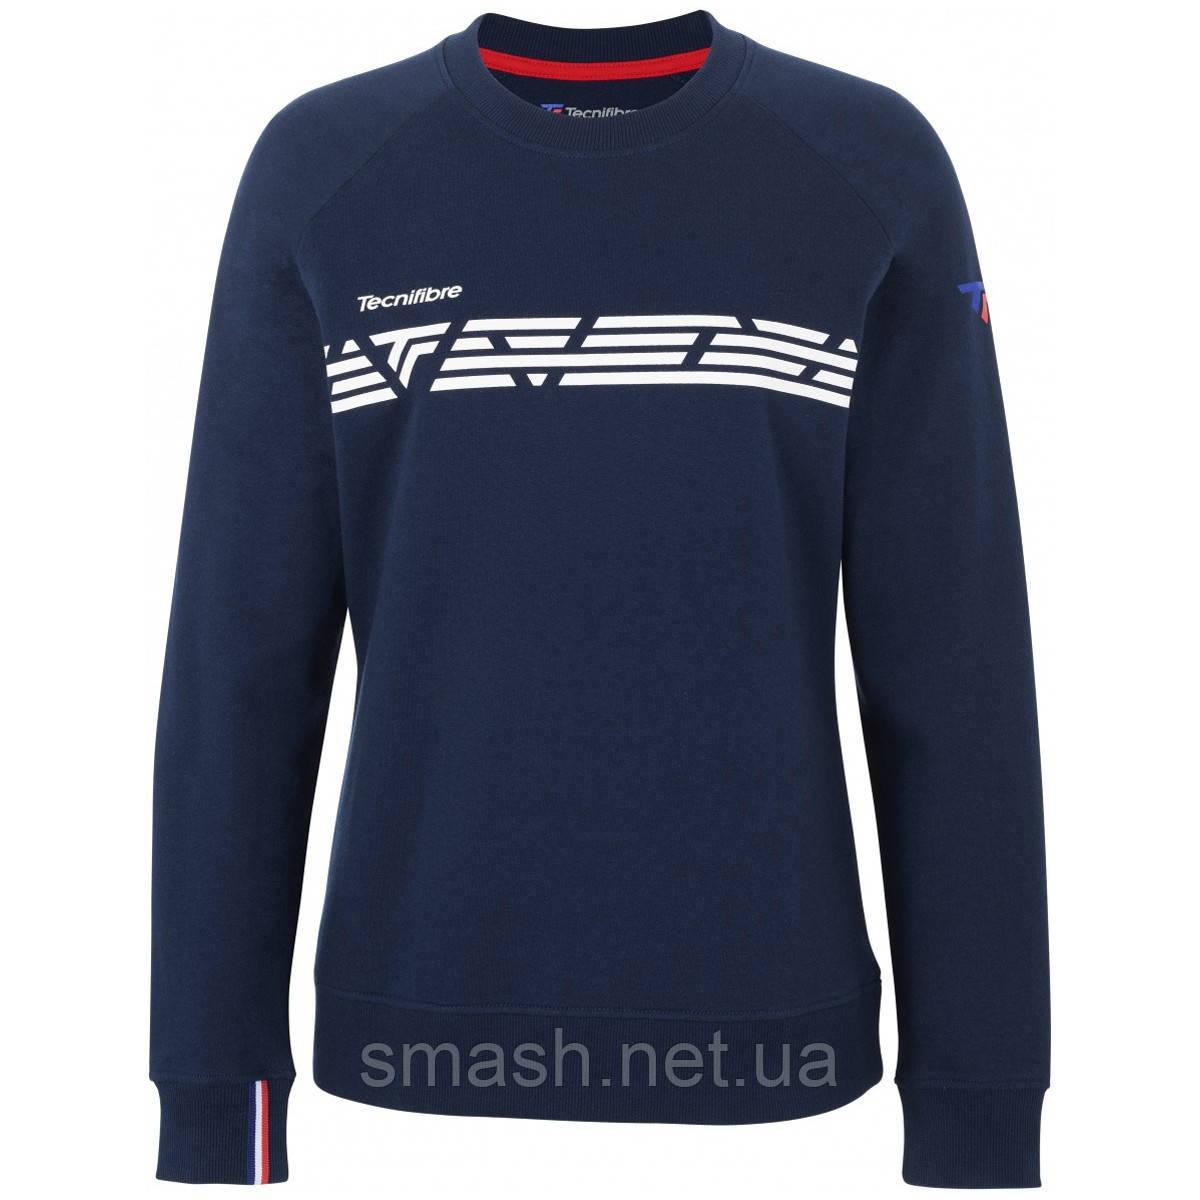 Свитер детский Tecnifibre Girls Sweater cotton 2020